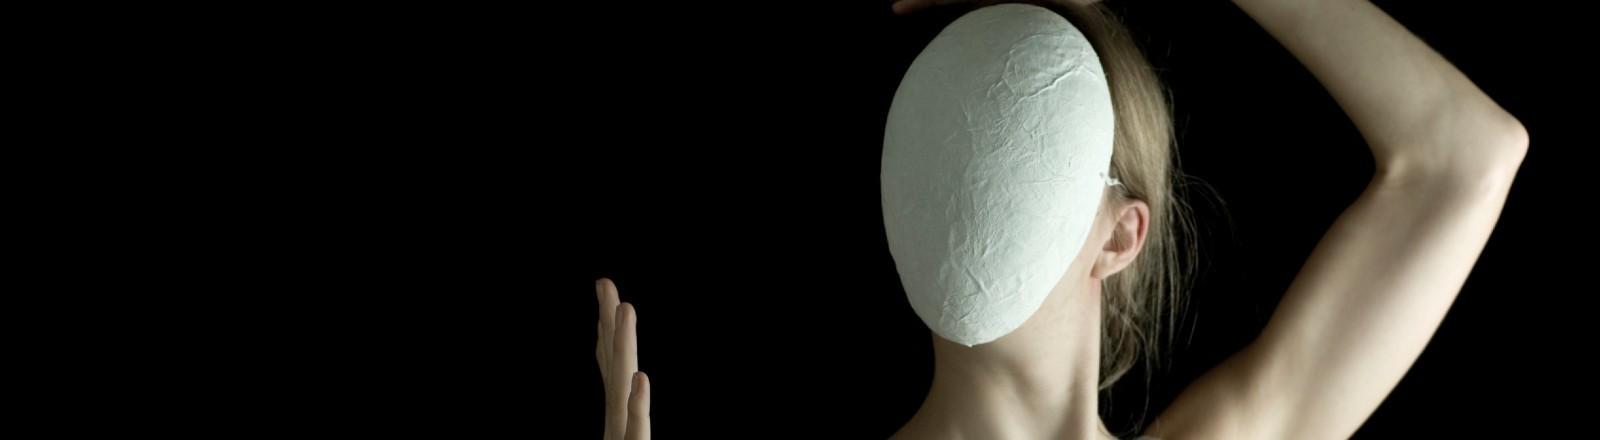 Eine Frau versteckt ihr Gesicht hinter einer Maske.